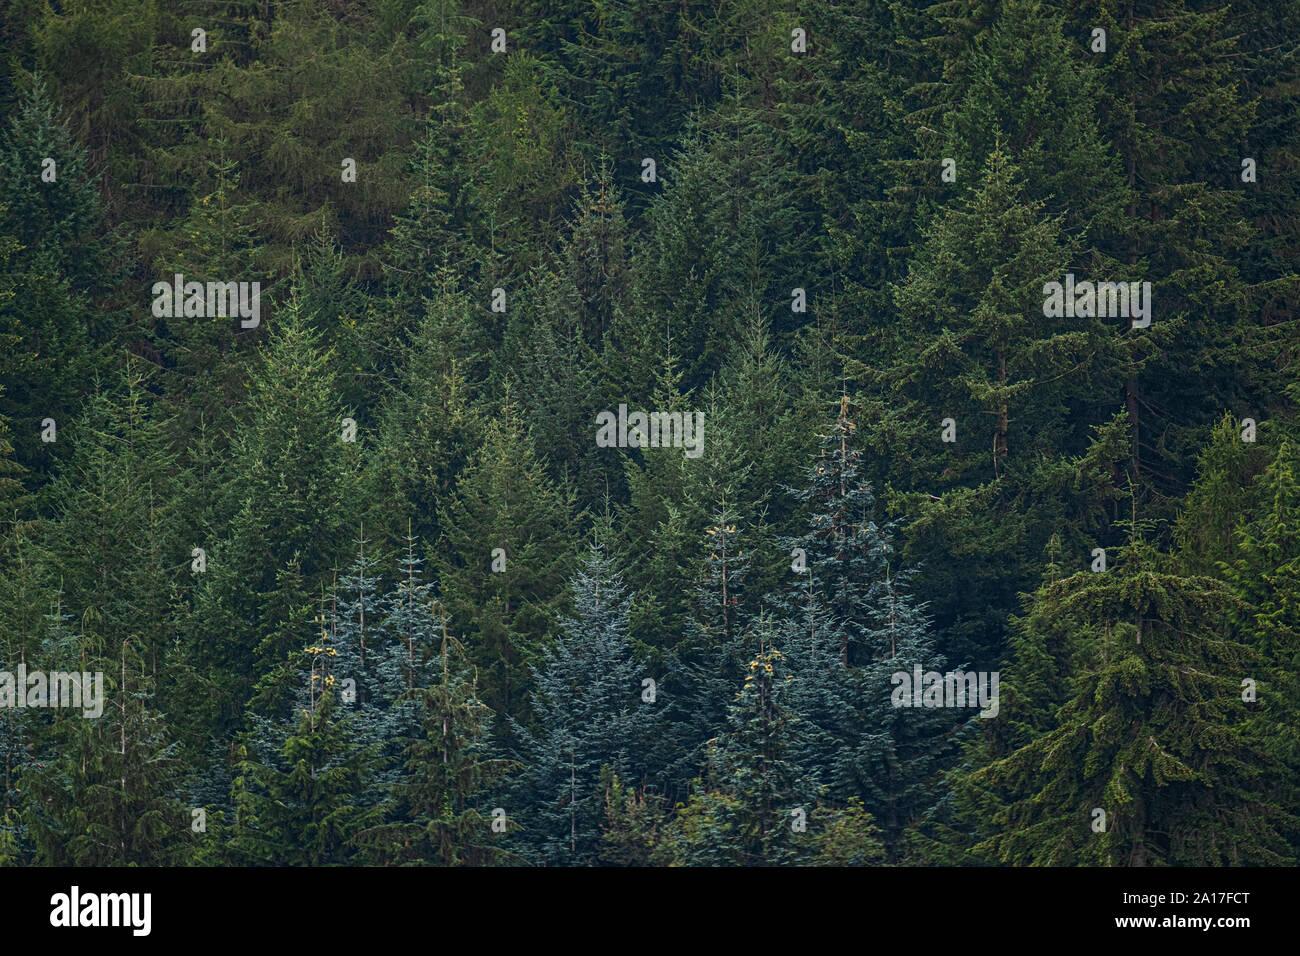 Gwydir Wald/Gwydyr Forest, ein 72,5 km alten Wälder, die die Stadt von Bettws y Coed, Clwyd, North Wales Snowdonia encirles. 1937 Gwydir war ein National Forest Park benannt, und seit 1993 das Kernland der Wald hat den besonderen Status der Forest Park zuerkannt worden Stockfoto